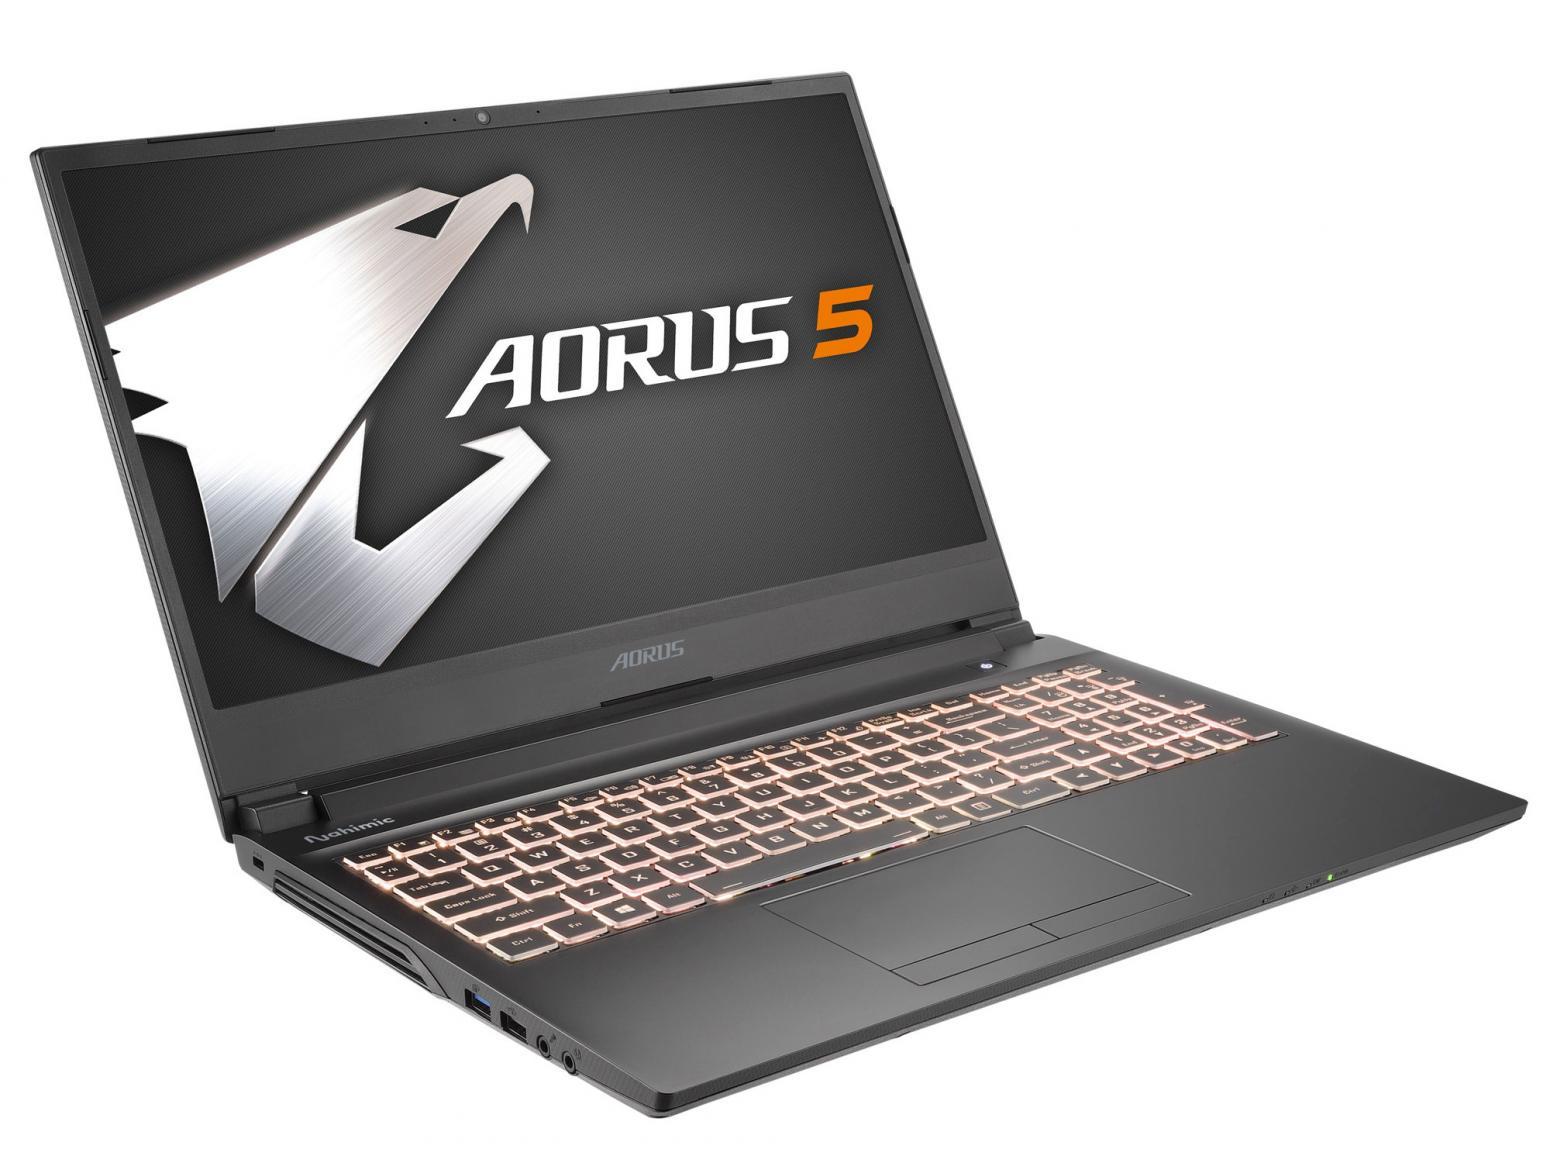 Ordinateur portable Aorus 5 KB-7FR1130SH - GeForce RTX 2060, 144Hz, SSD 512 Go, Comet-H - photo 5